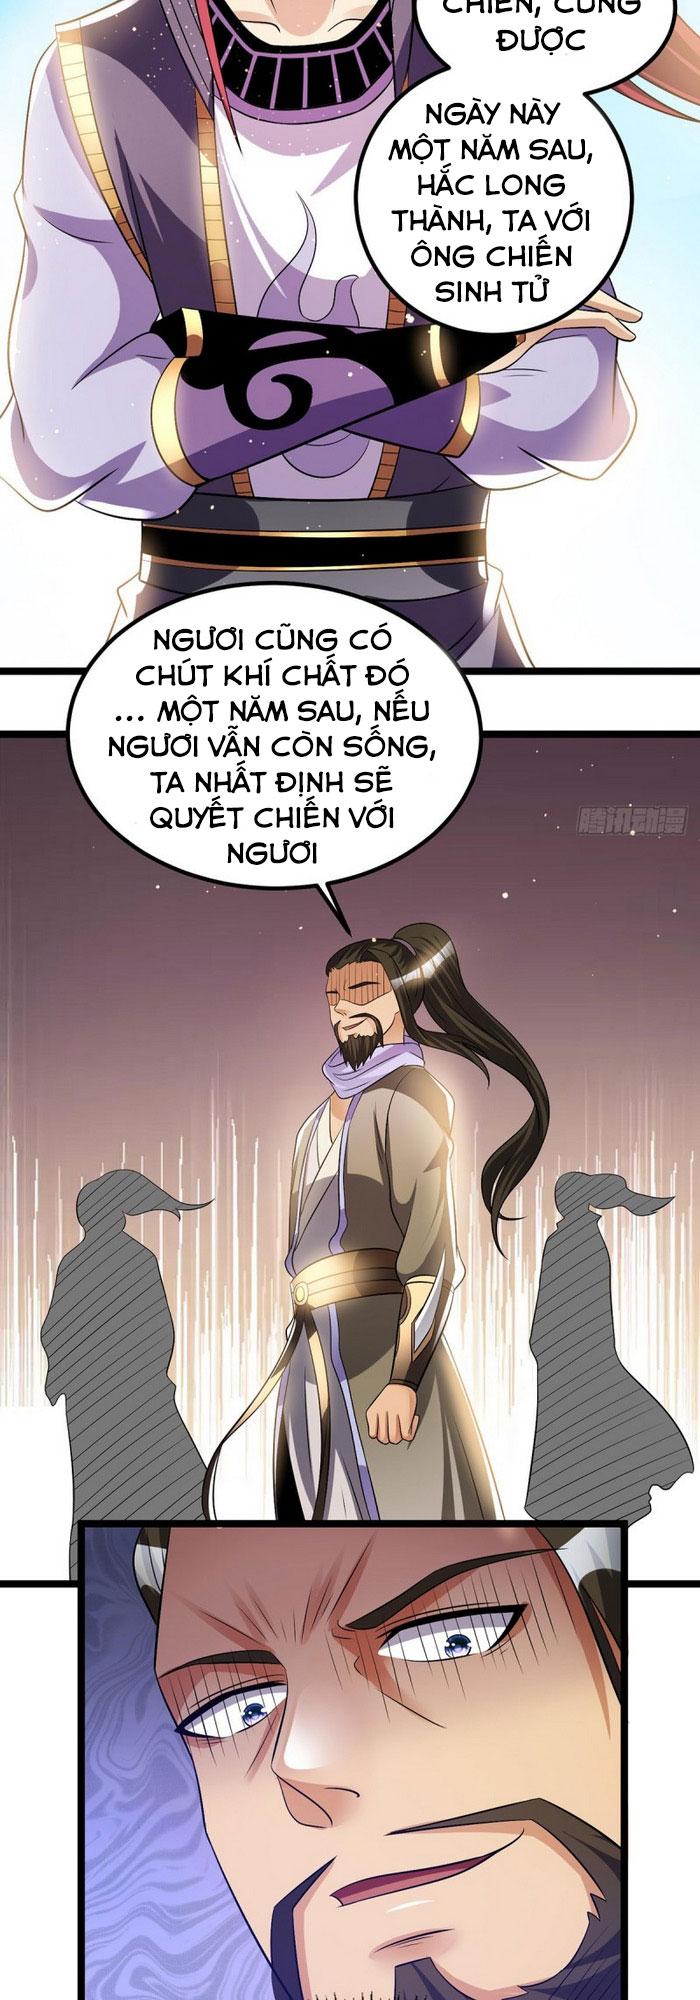 Tiên Vương Trùng Sinh chap 180 - Trang 4